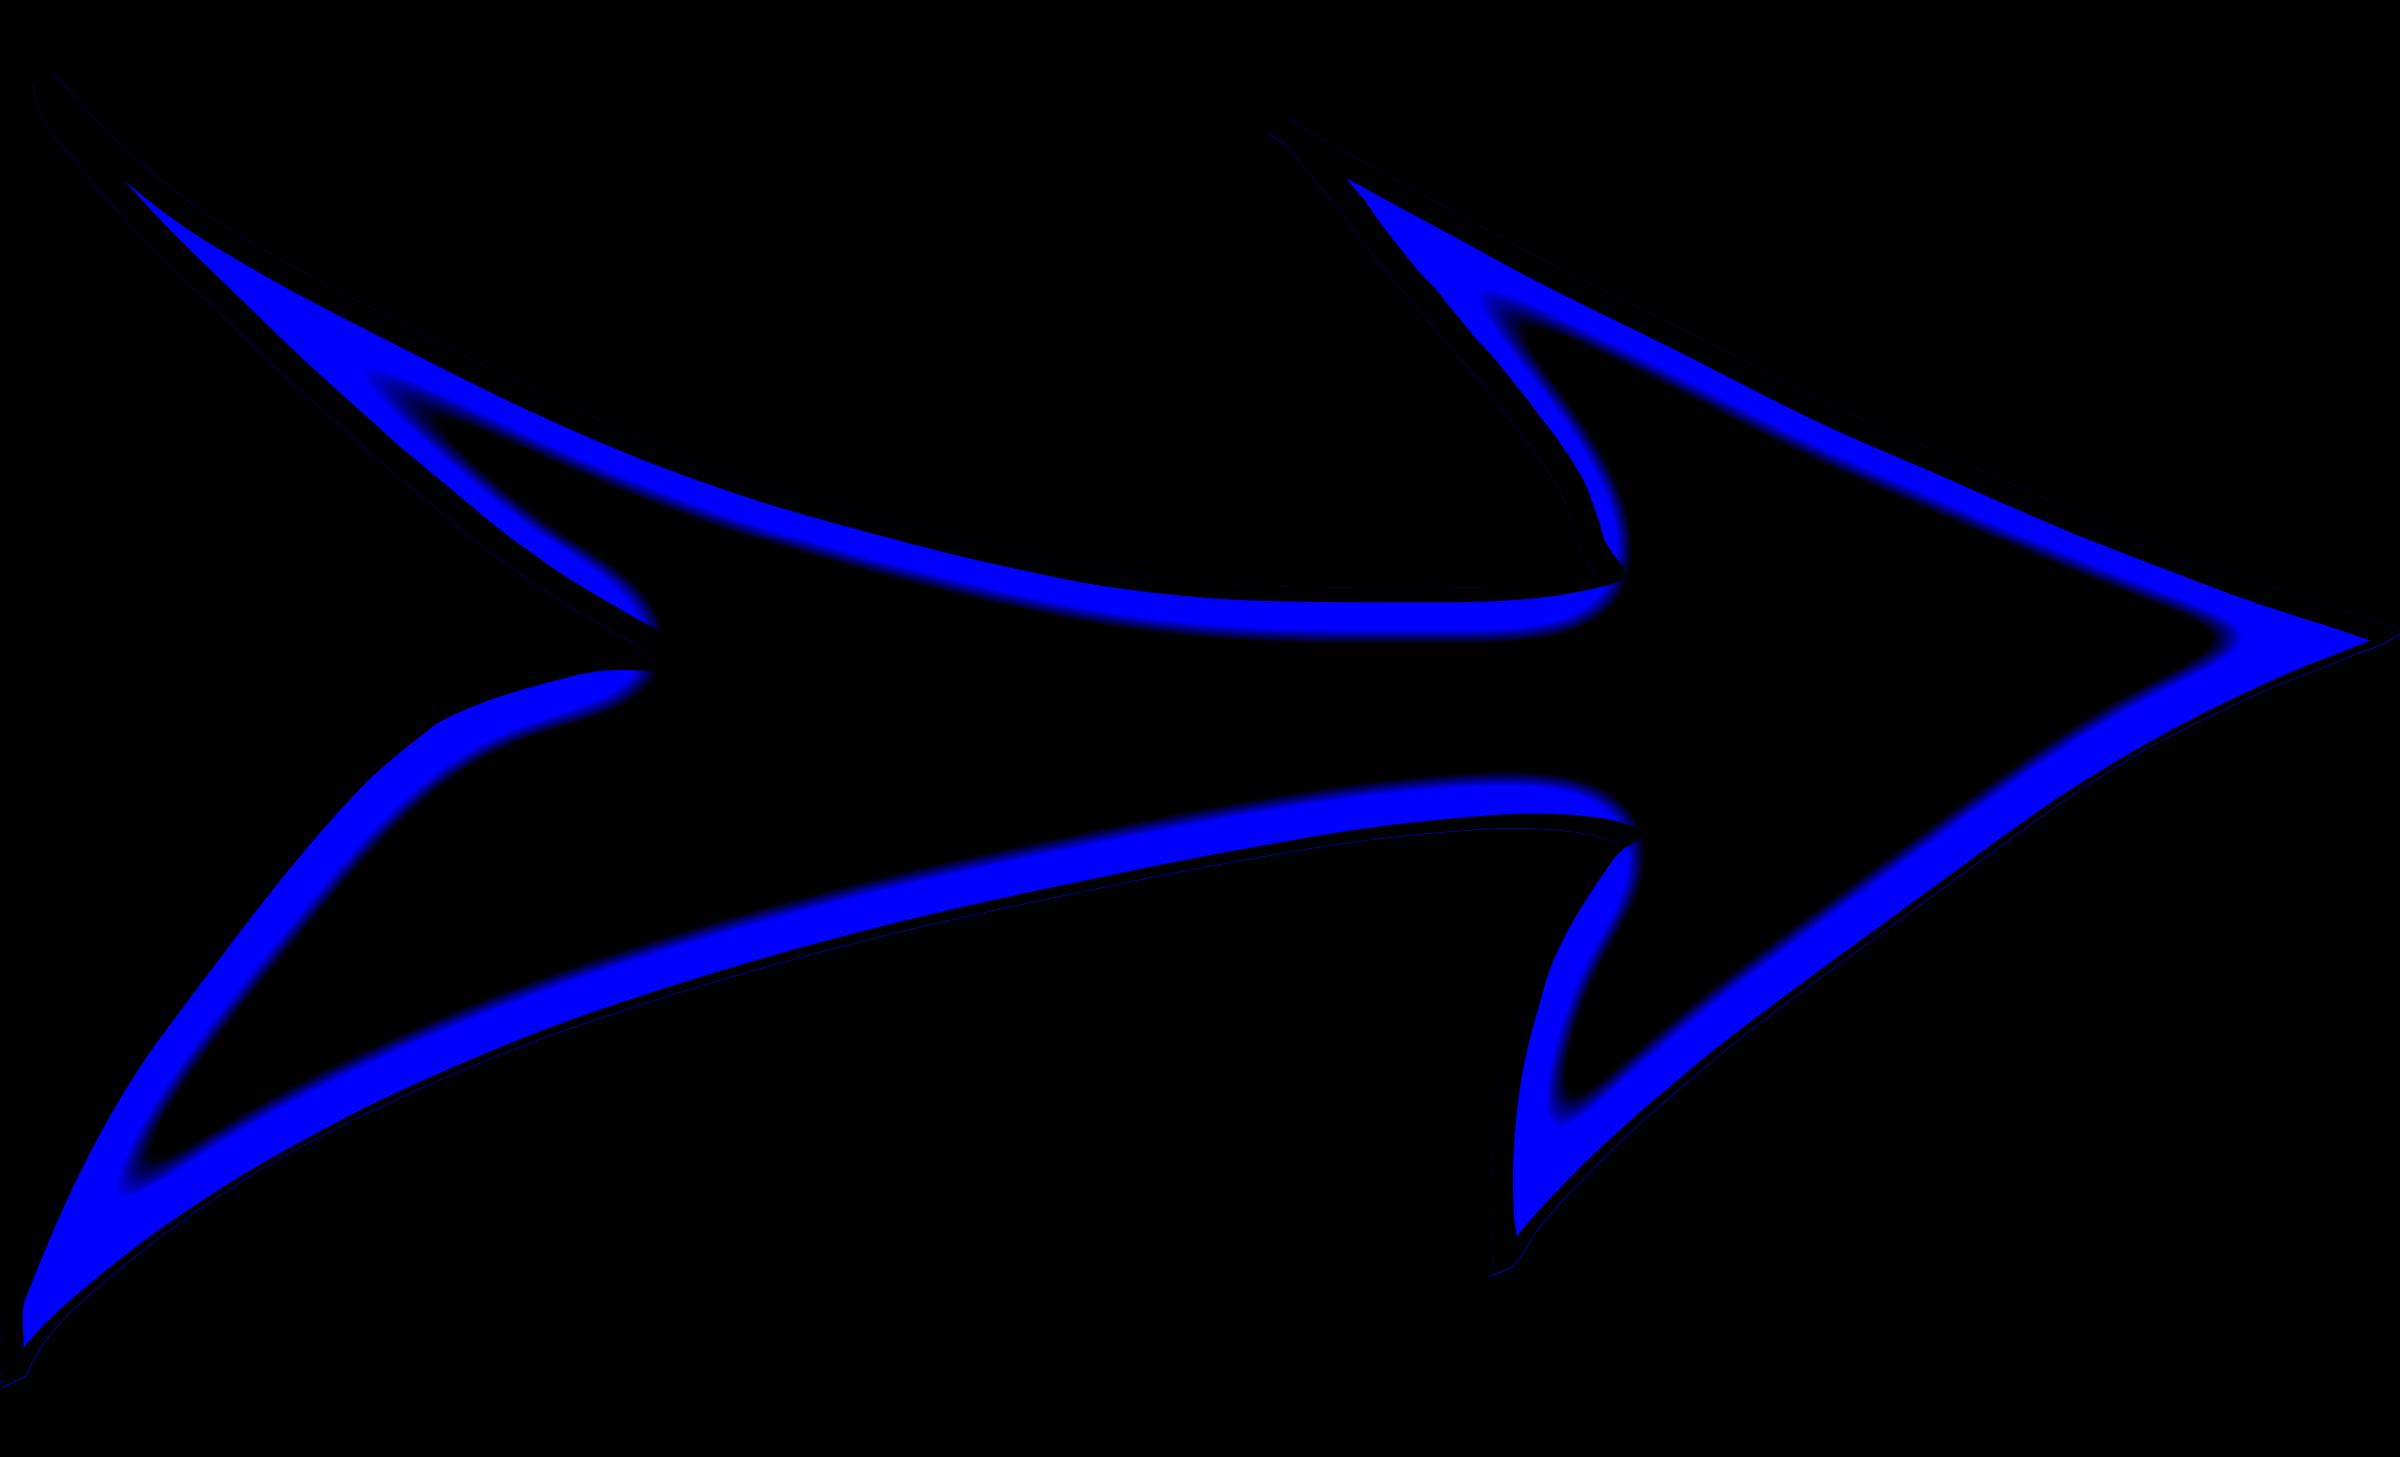 Black arrow clip art clip art library download Clipart - Black and Blue Arrow clip art library download